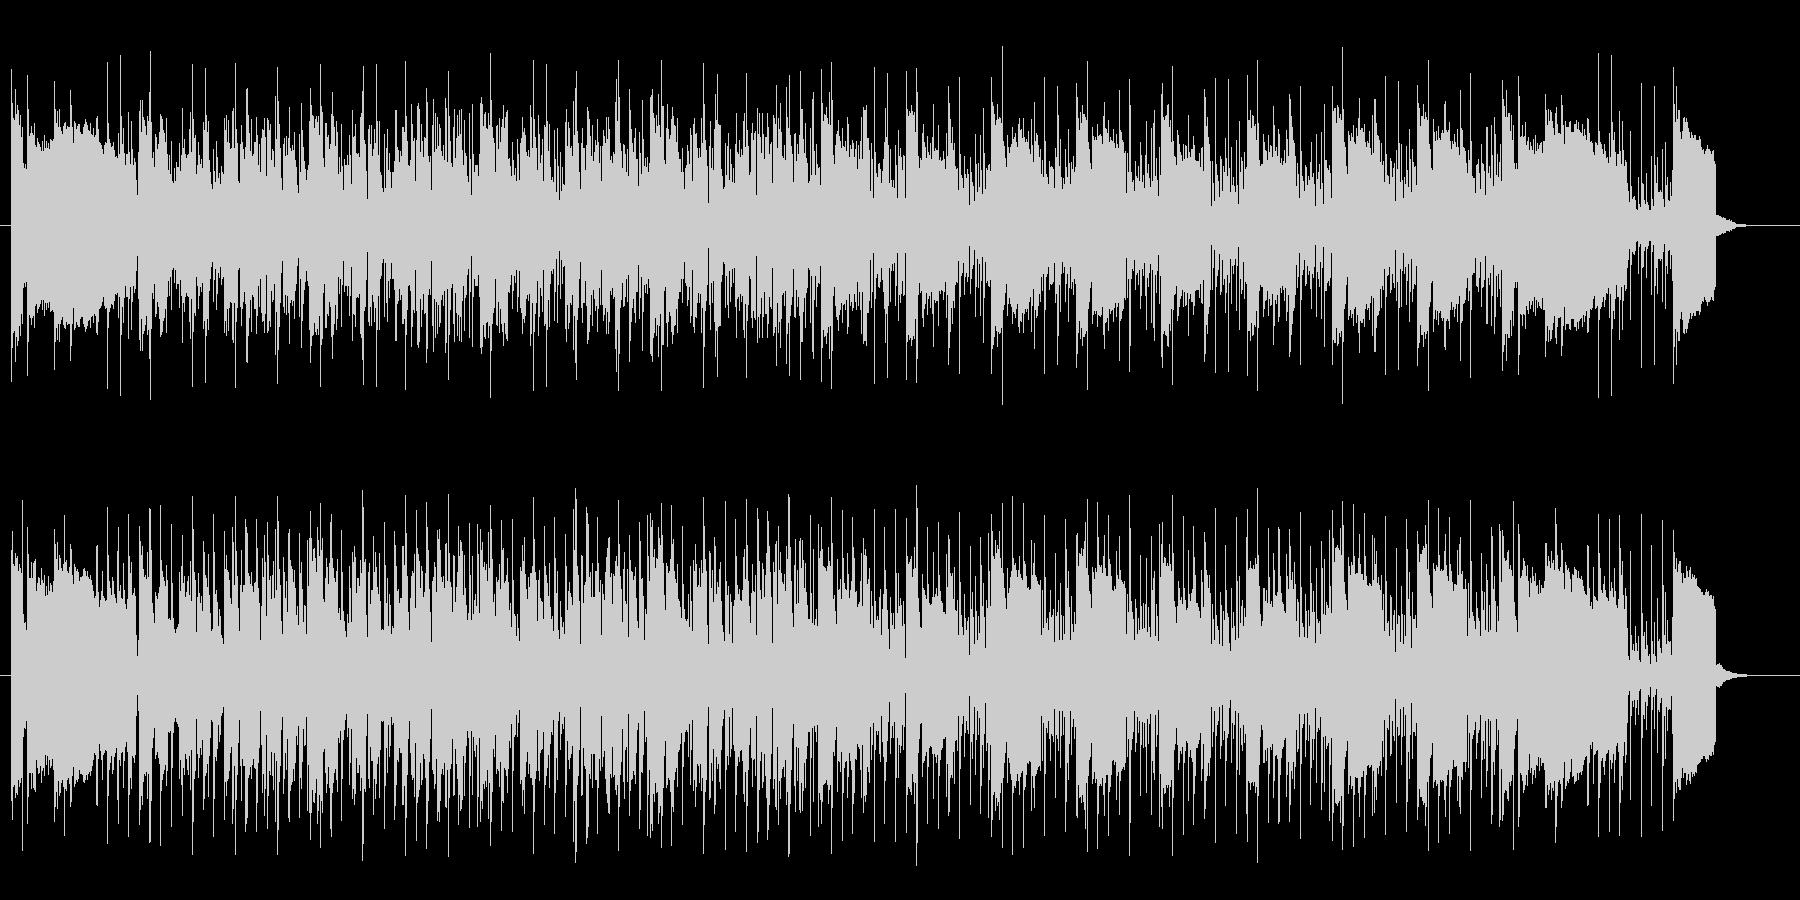 軽快でリズミカルなエレキテクノサウンドの未再生の波形